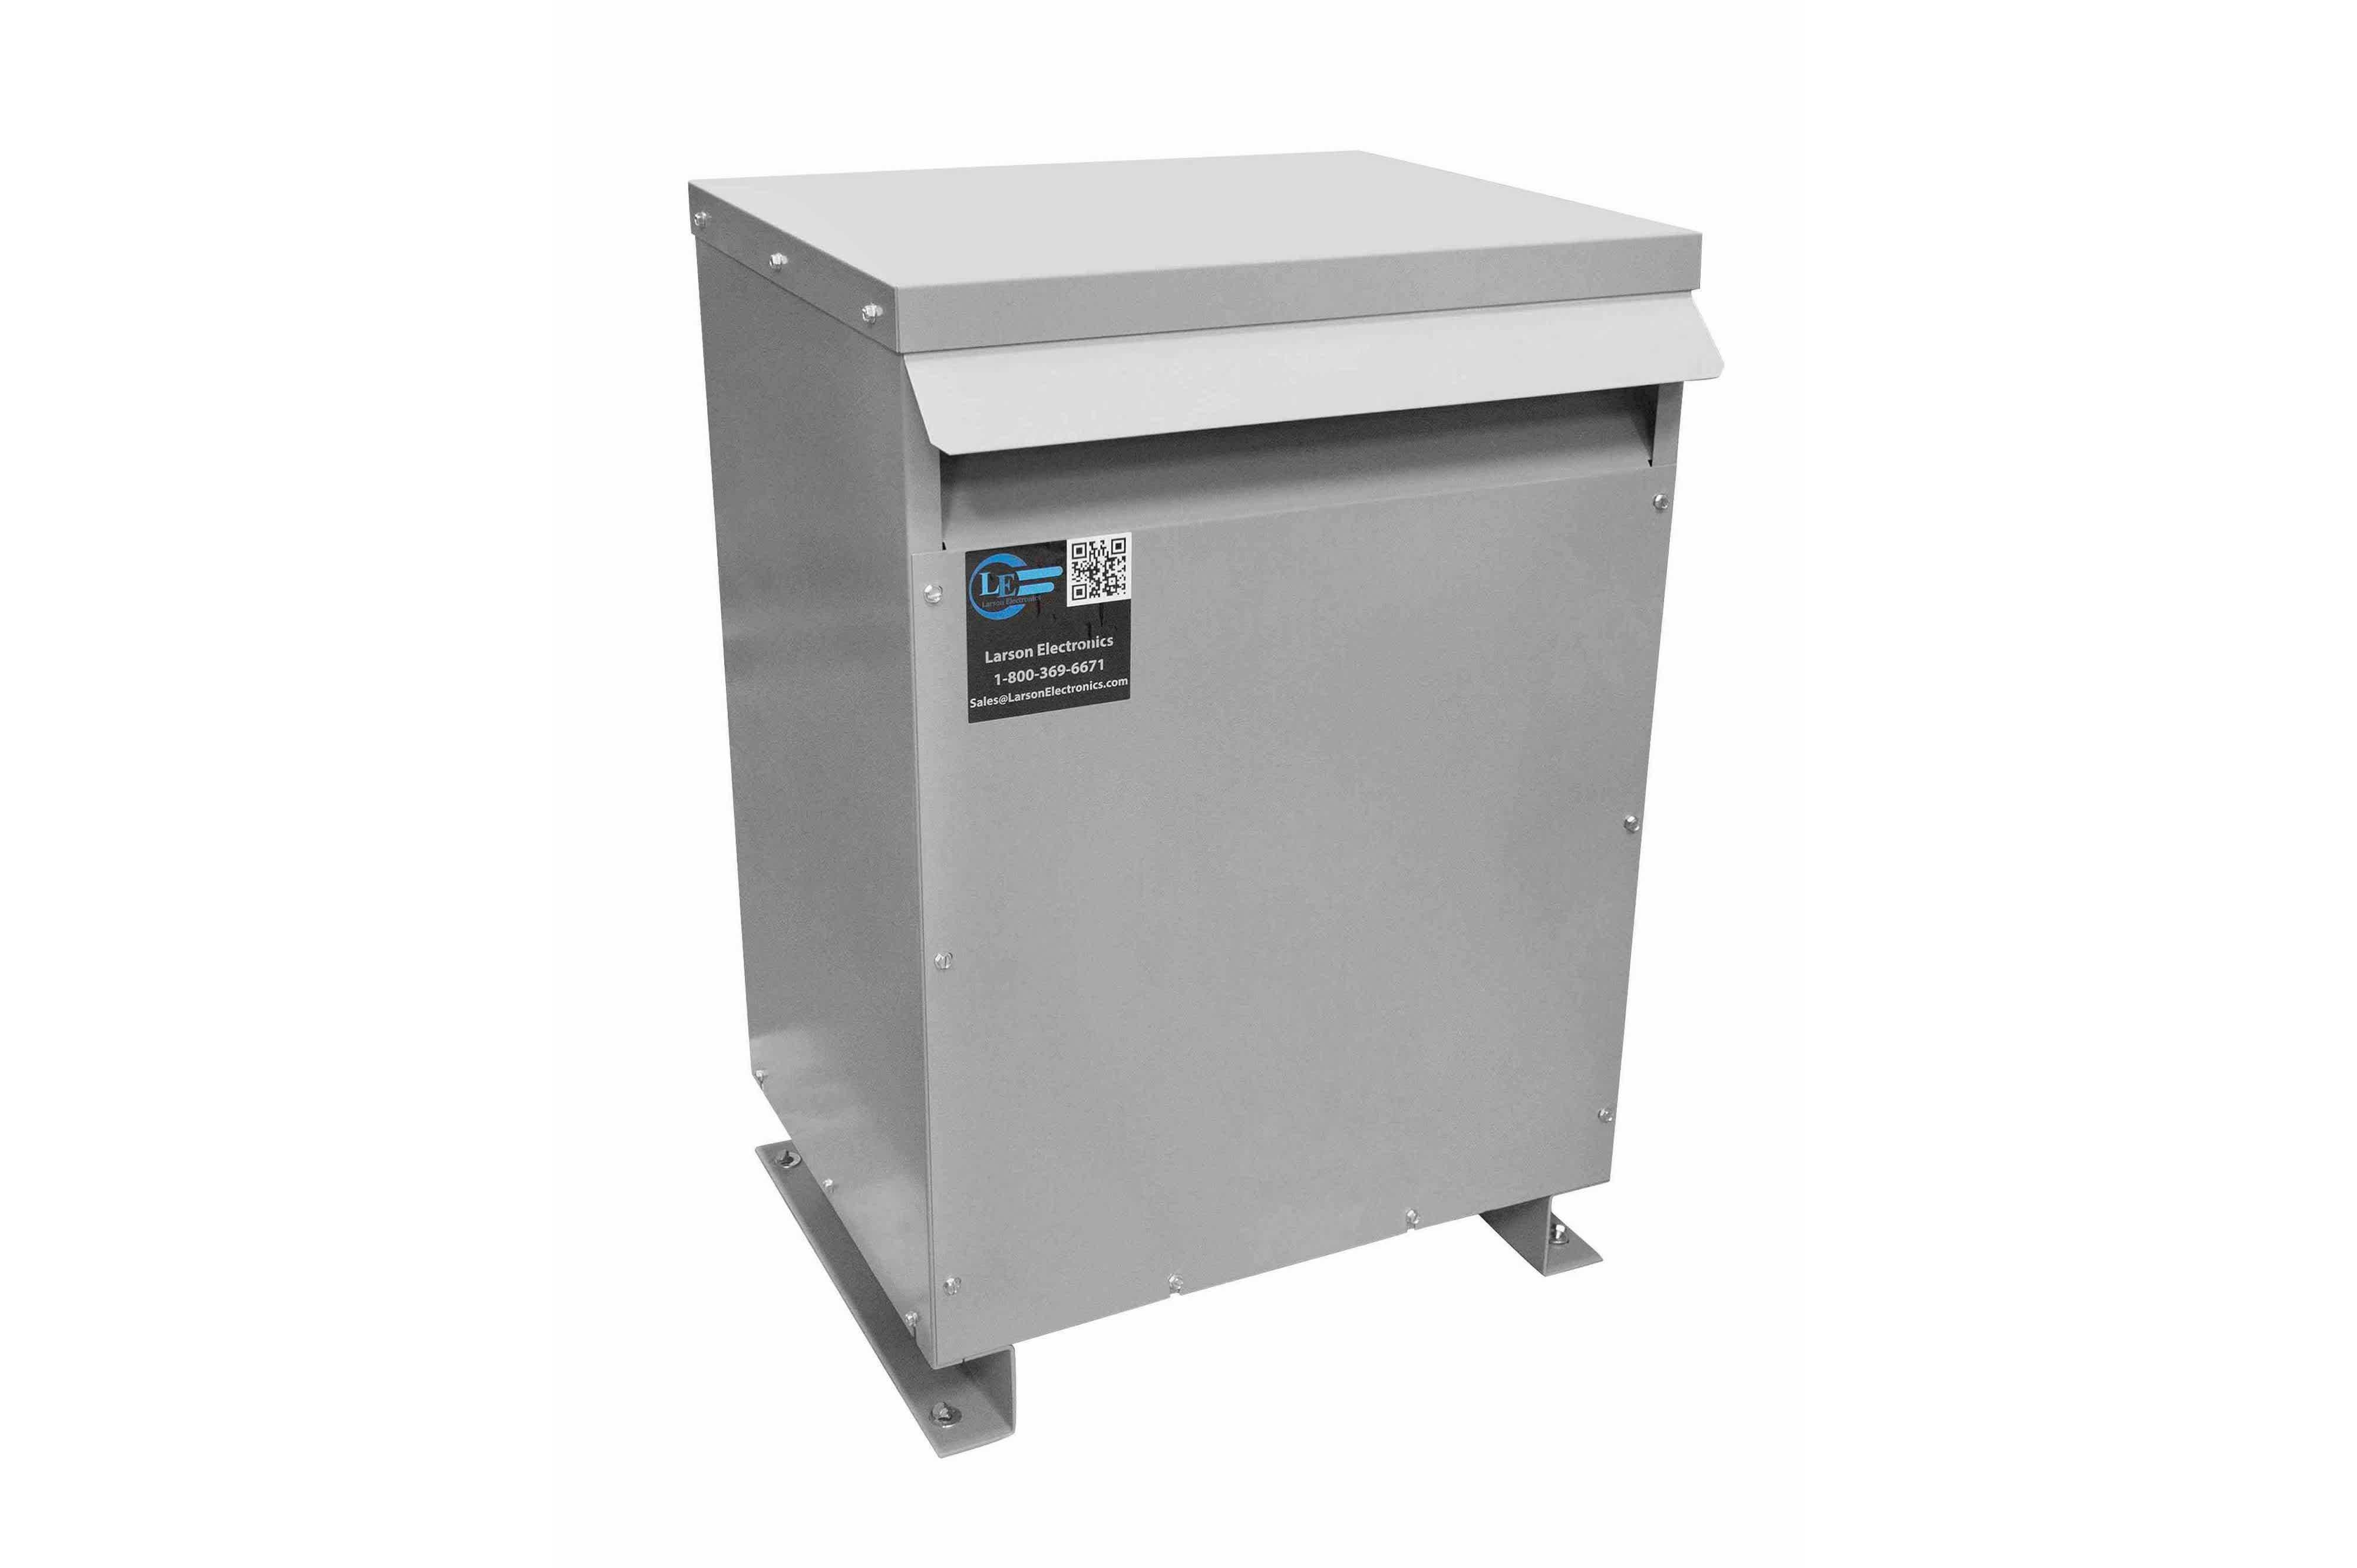 12 kVA 3PH Isolation Transformer, 600V Delta Primary, 208V Delta Secondary, N3R, Ventilated, 60 Hz